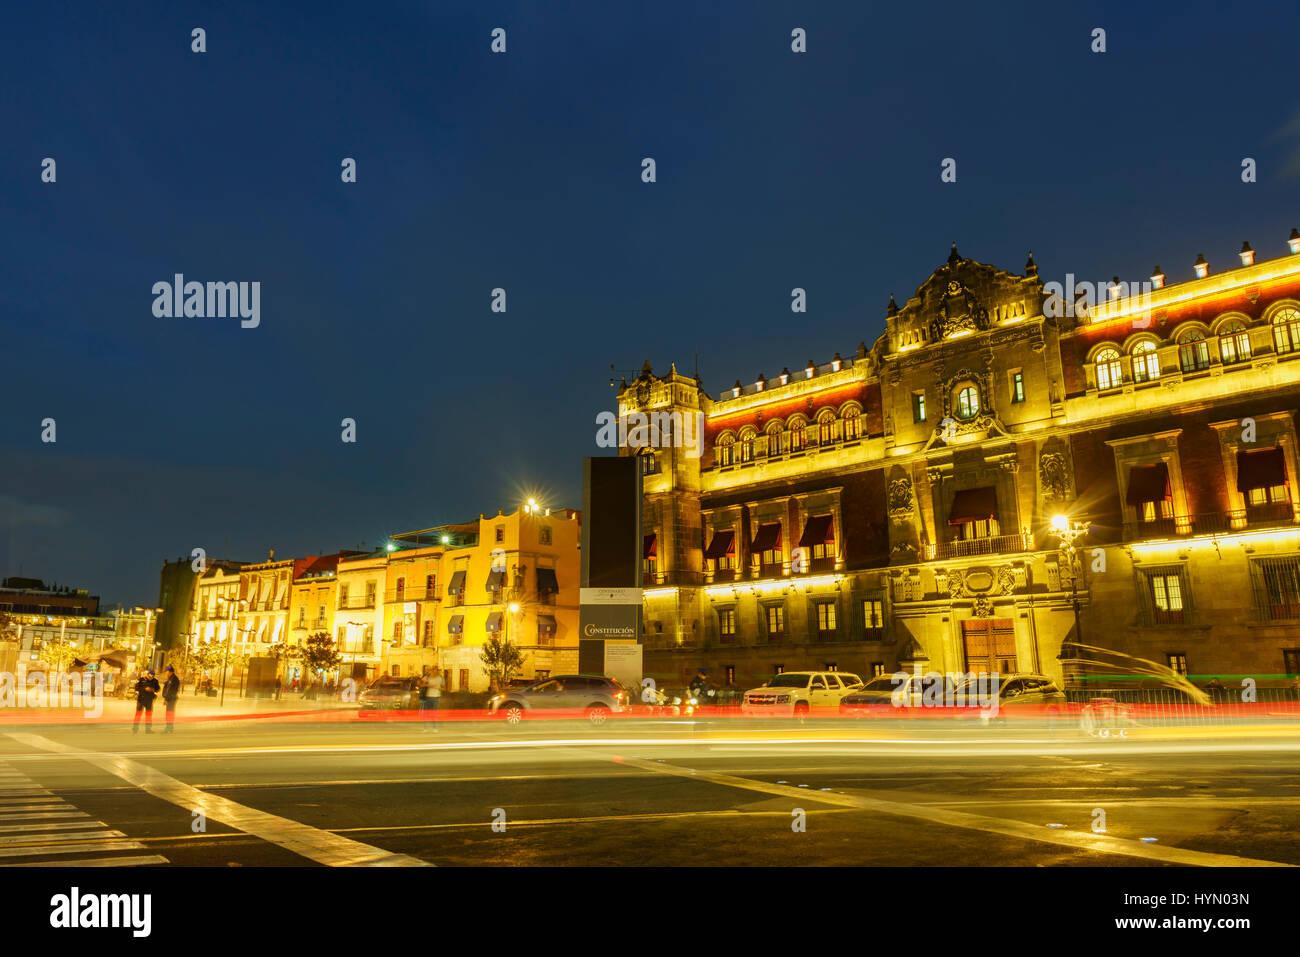 Escena nocturna del histórico Palacio Nacional de Ciudad de México Imagen De Stock